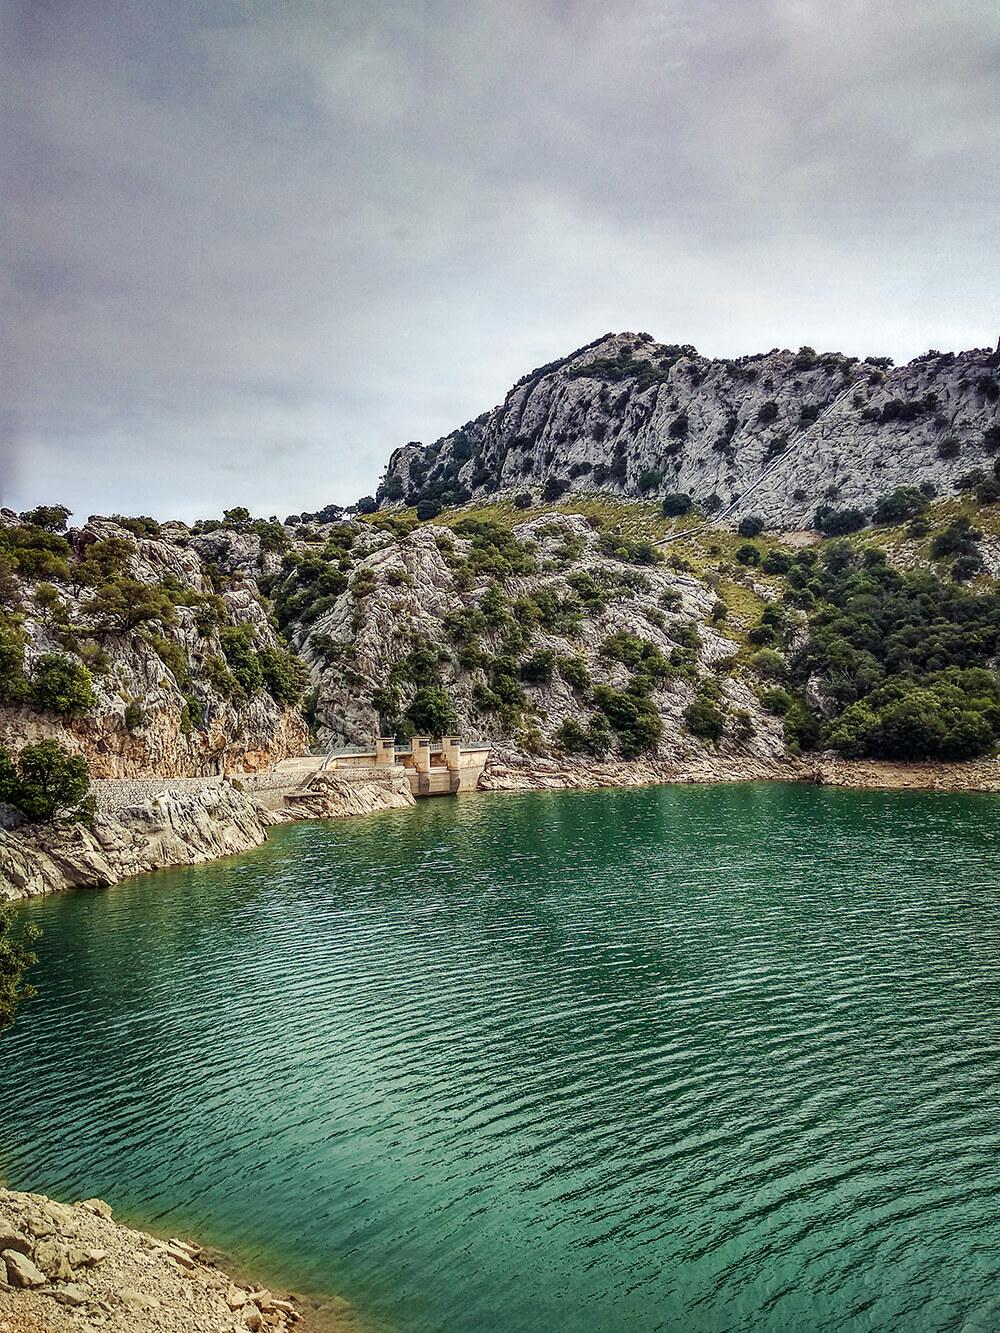 Mallorca-Gorg-Blau-Stausee-Tramuntana-7